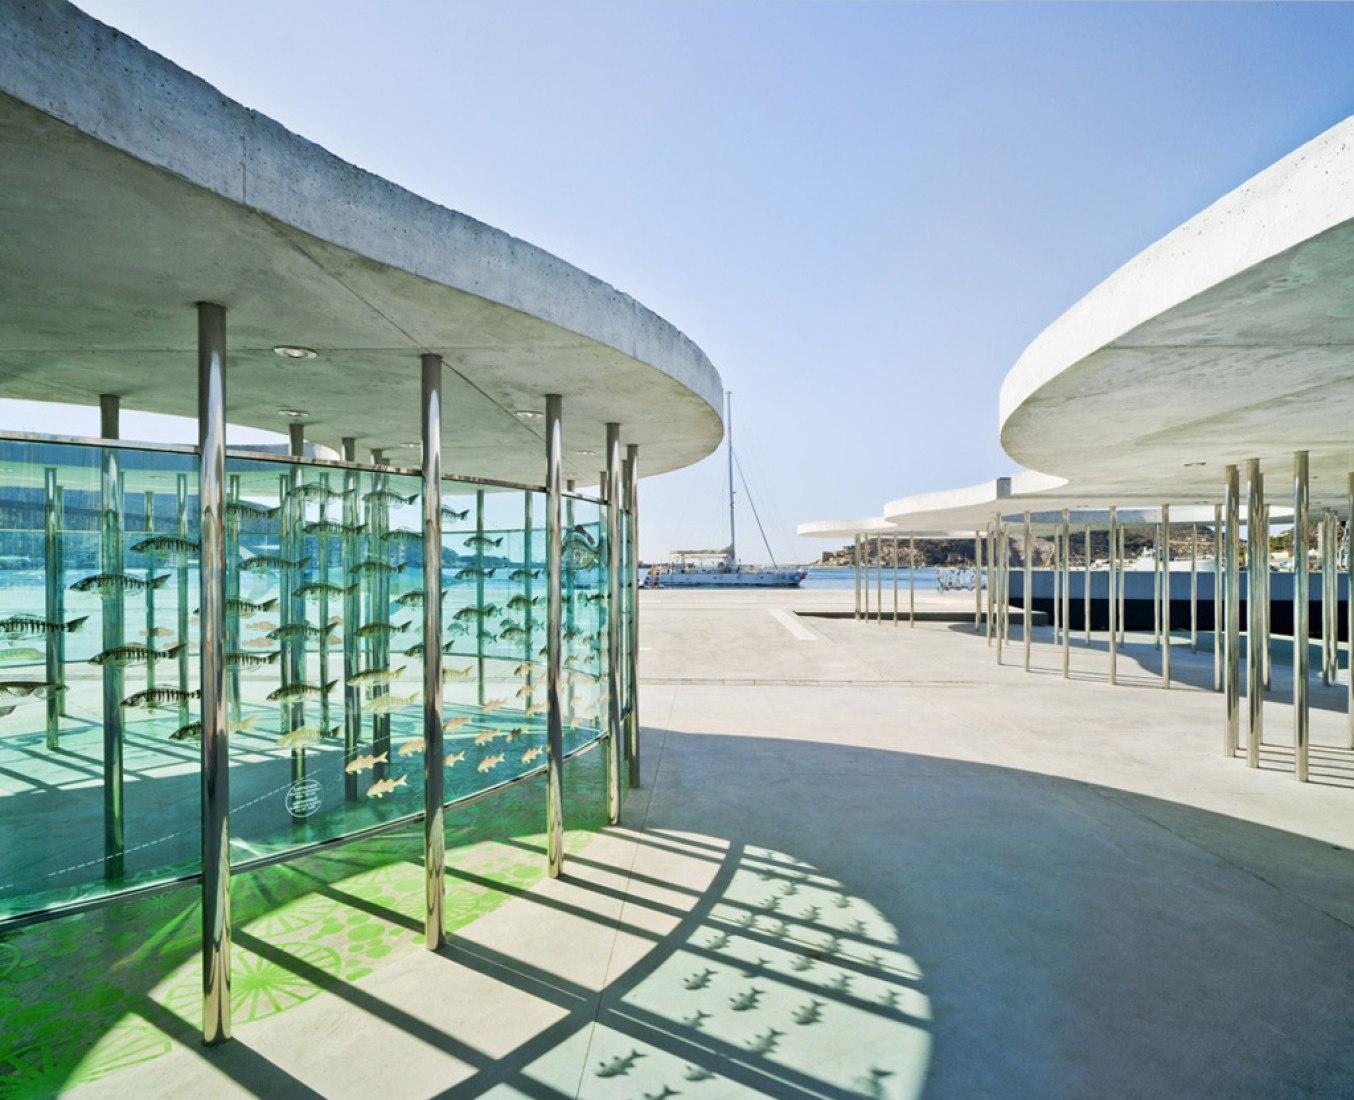 Sombras de las marquesinas. Urbanización del Muelle de la Terminal de Cruceros. Puerto de Cartagena. Por Martín Lejarraga. Fotografía © David Frutos.